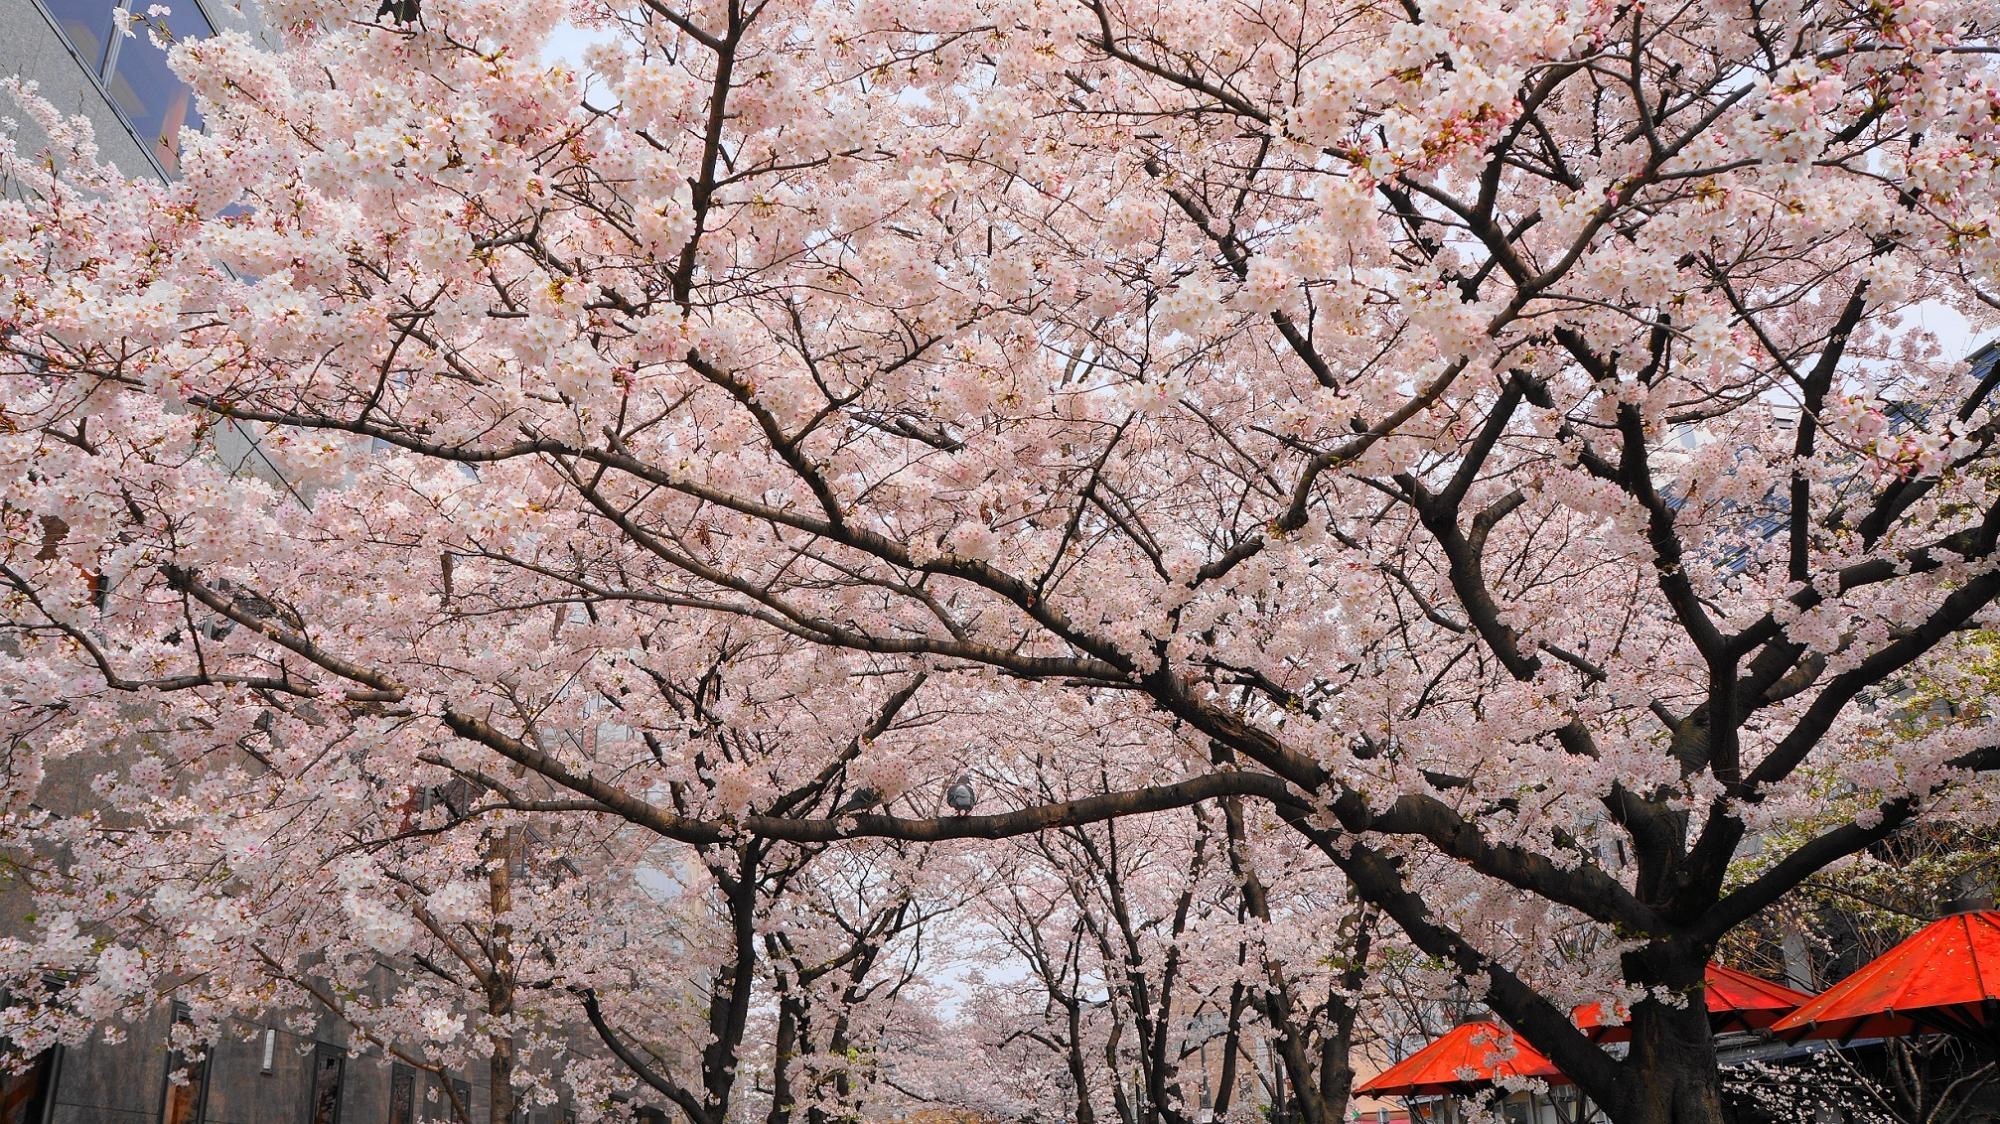 情緒ある祇園白川の華やかな満開の桜